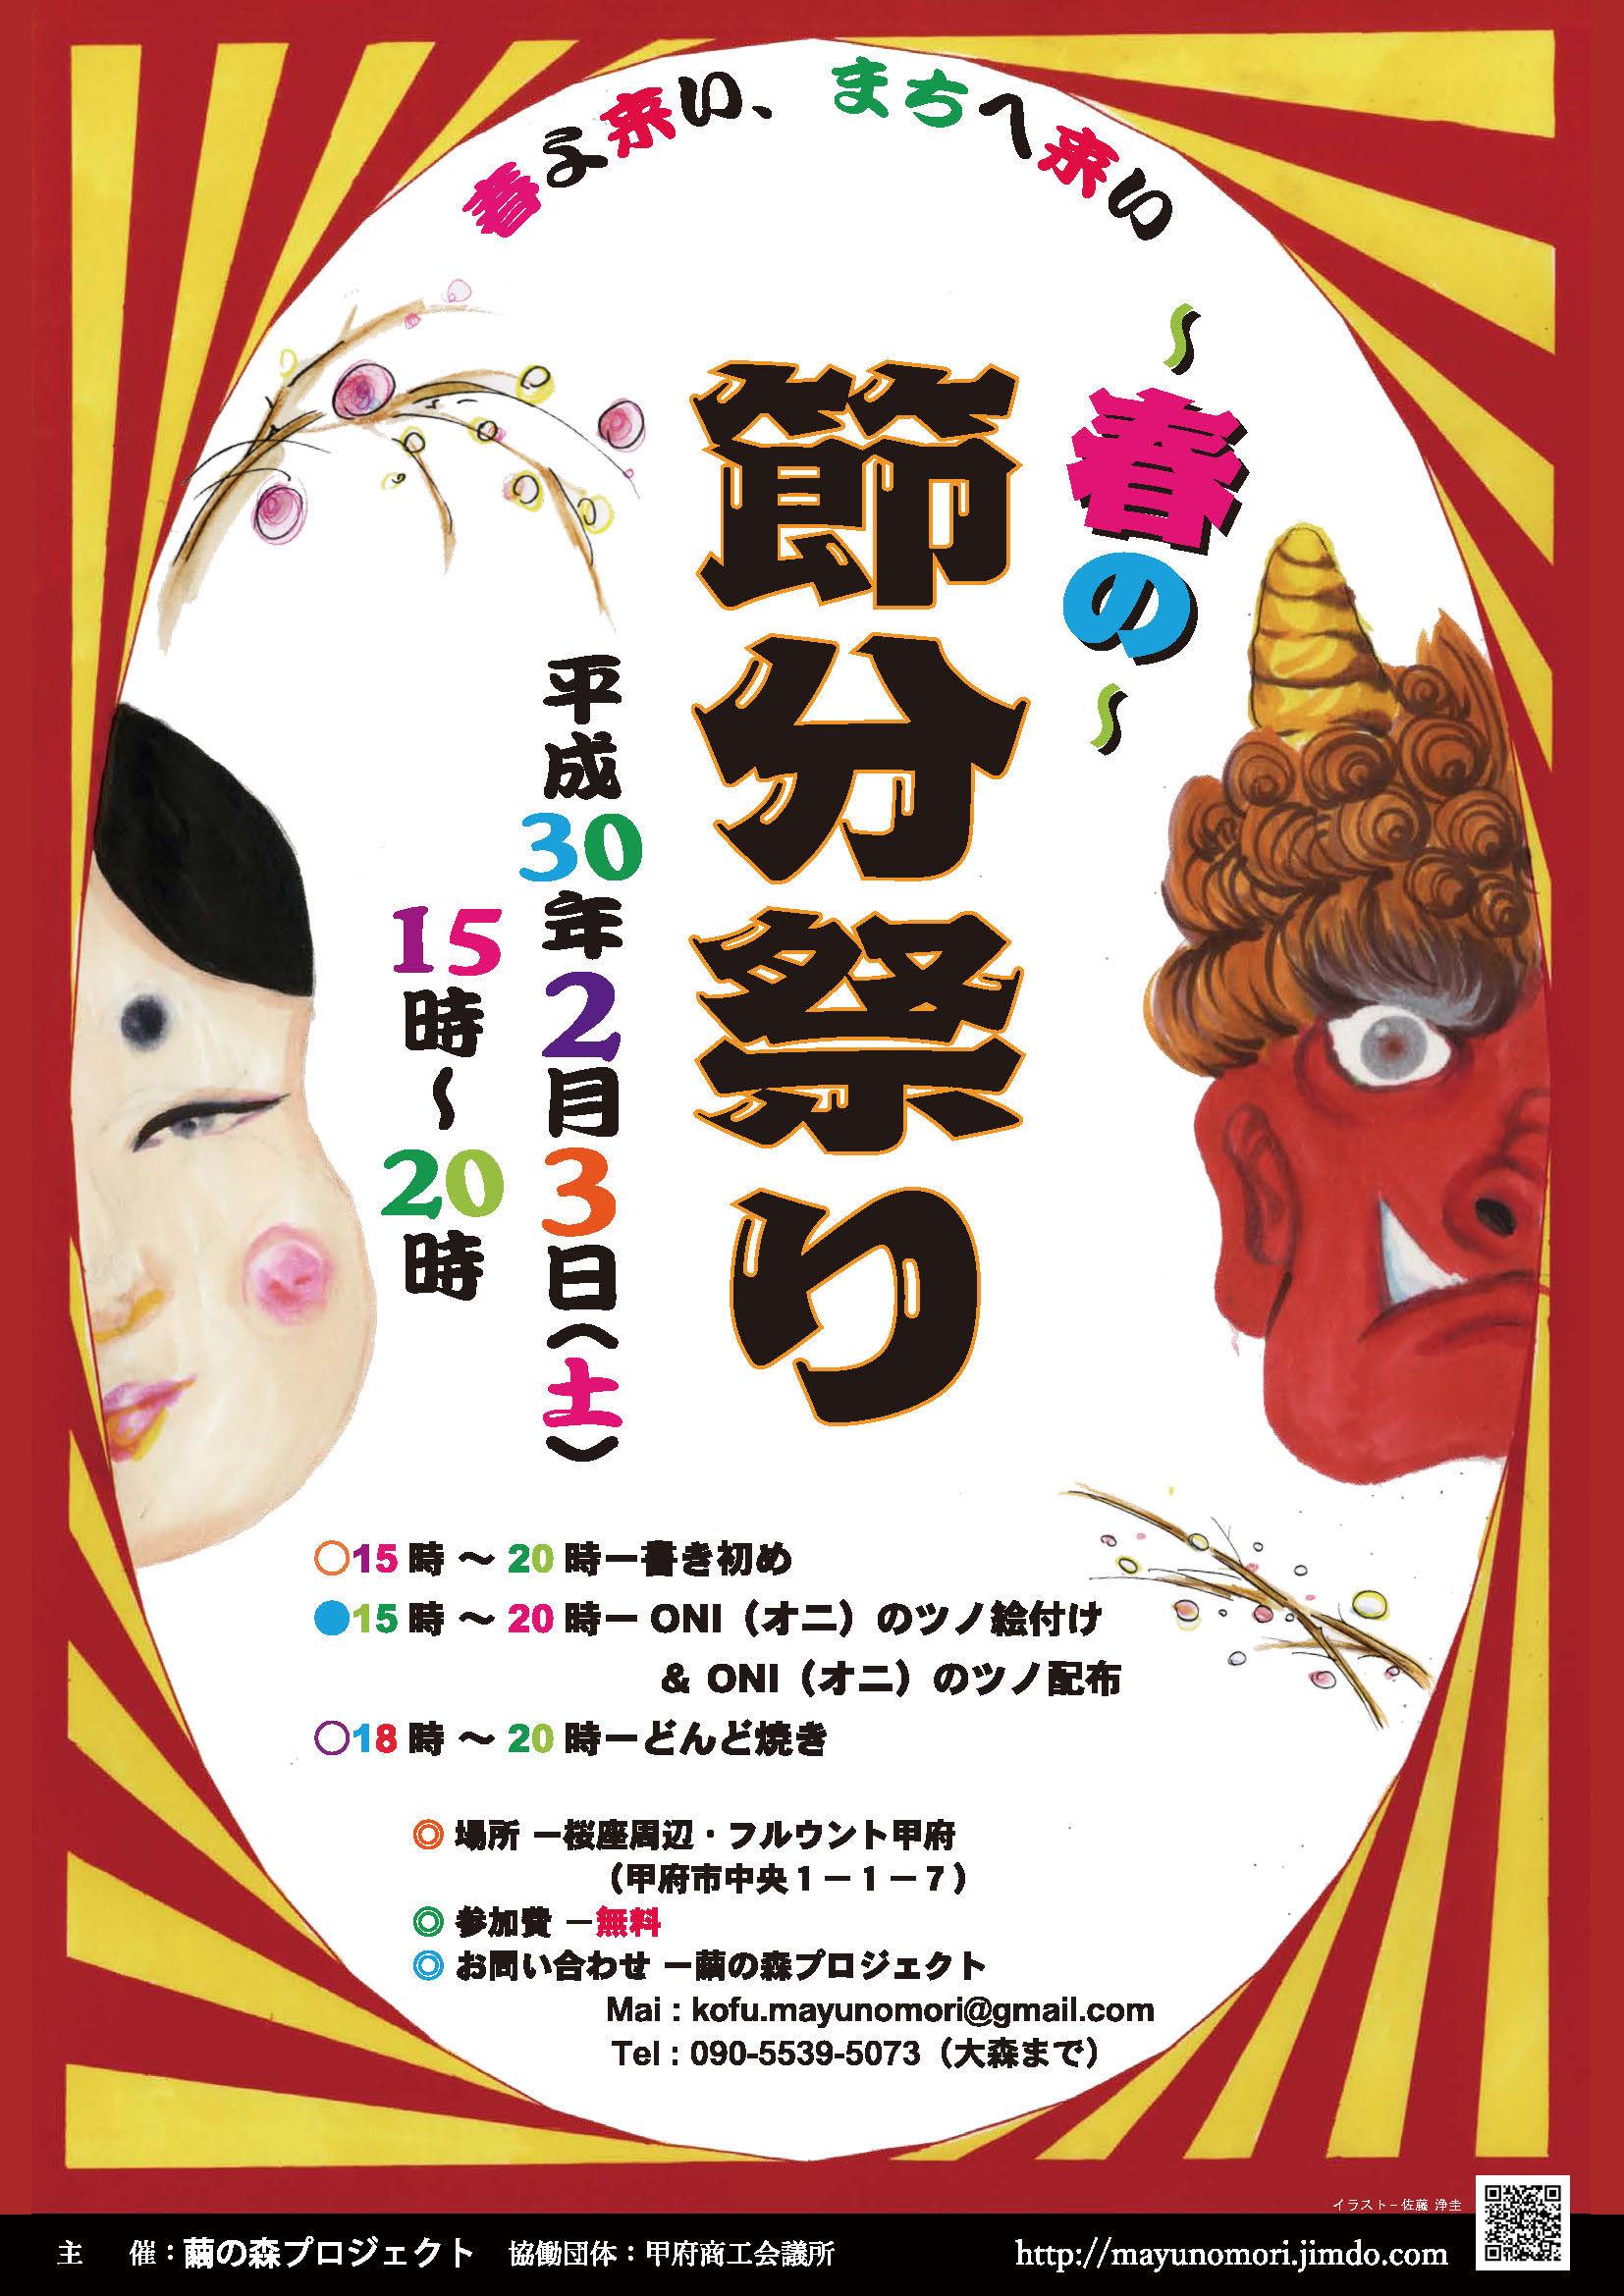 2月3日の大神祭@繭の森プロジェクト_c0131878_09480023.jpg